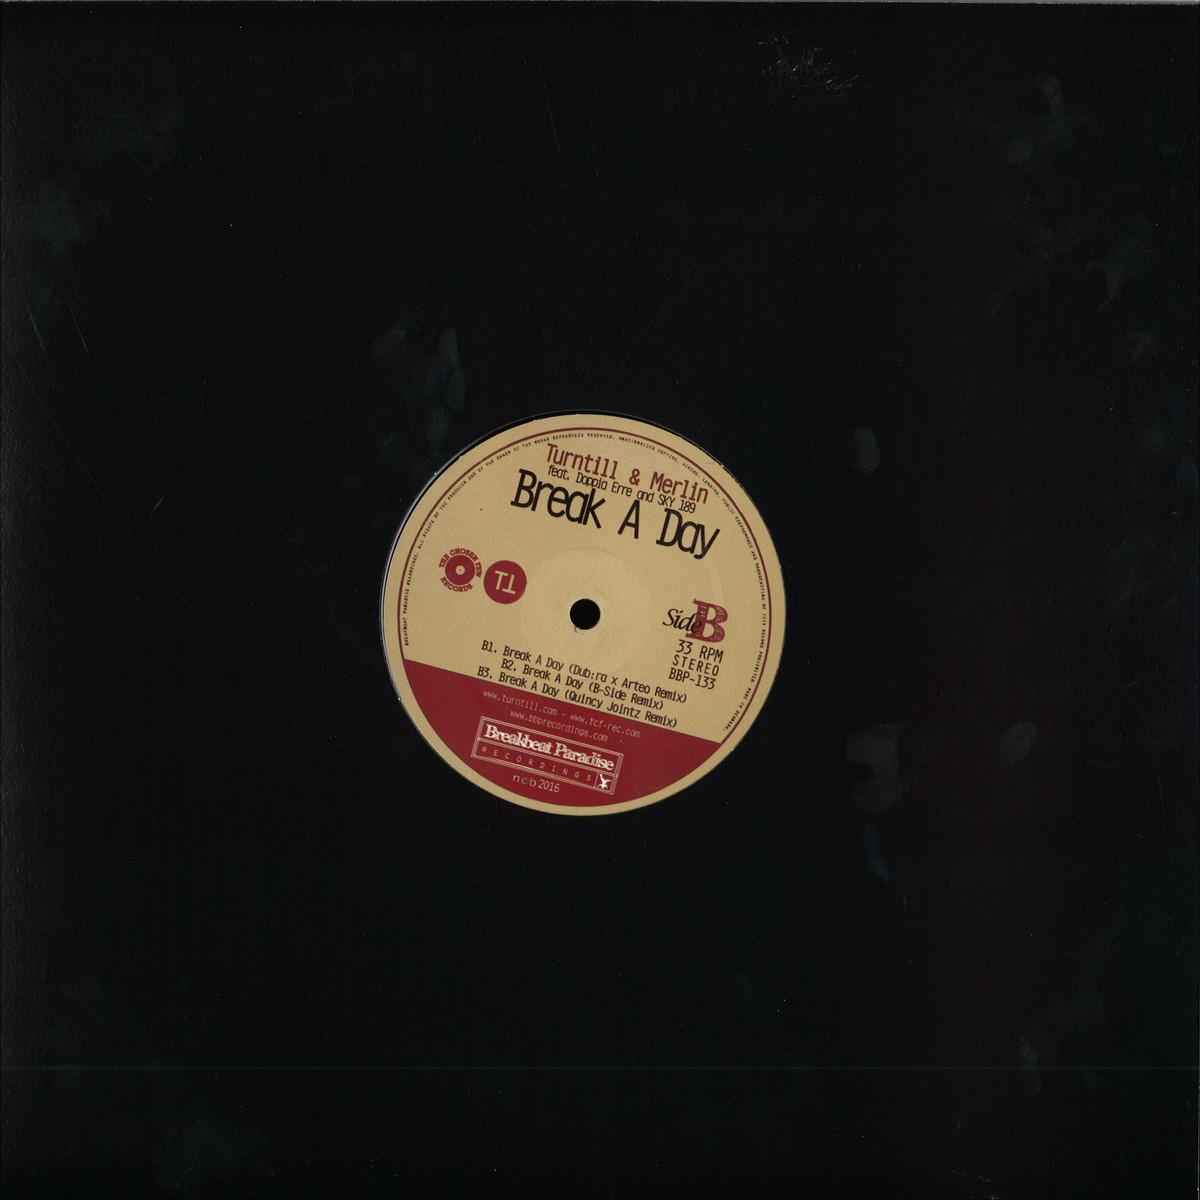 deejay de - Breakbeat Paradise